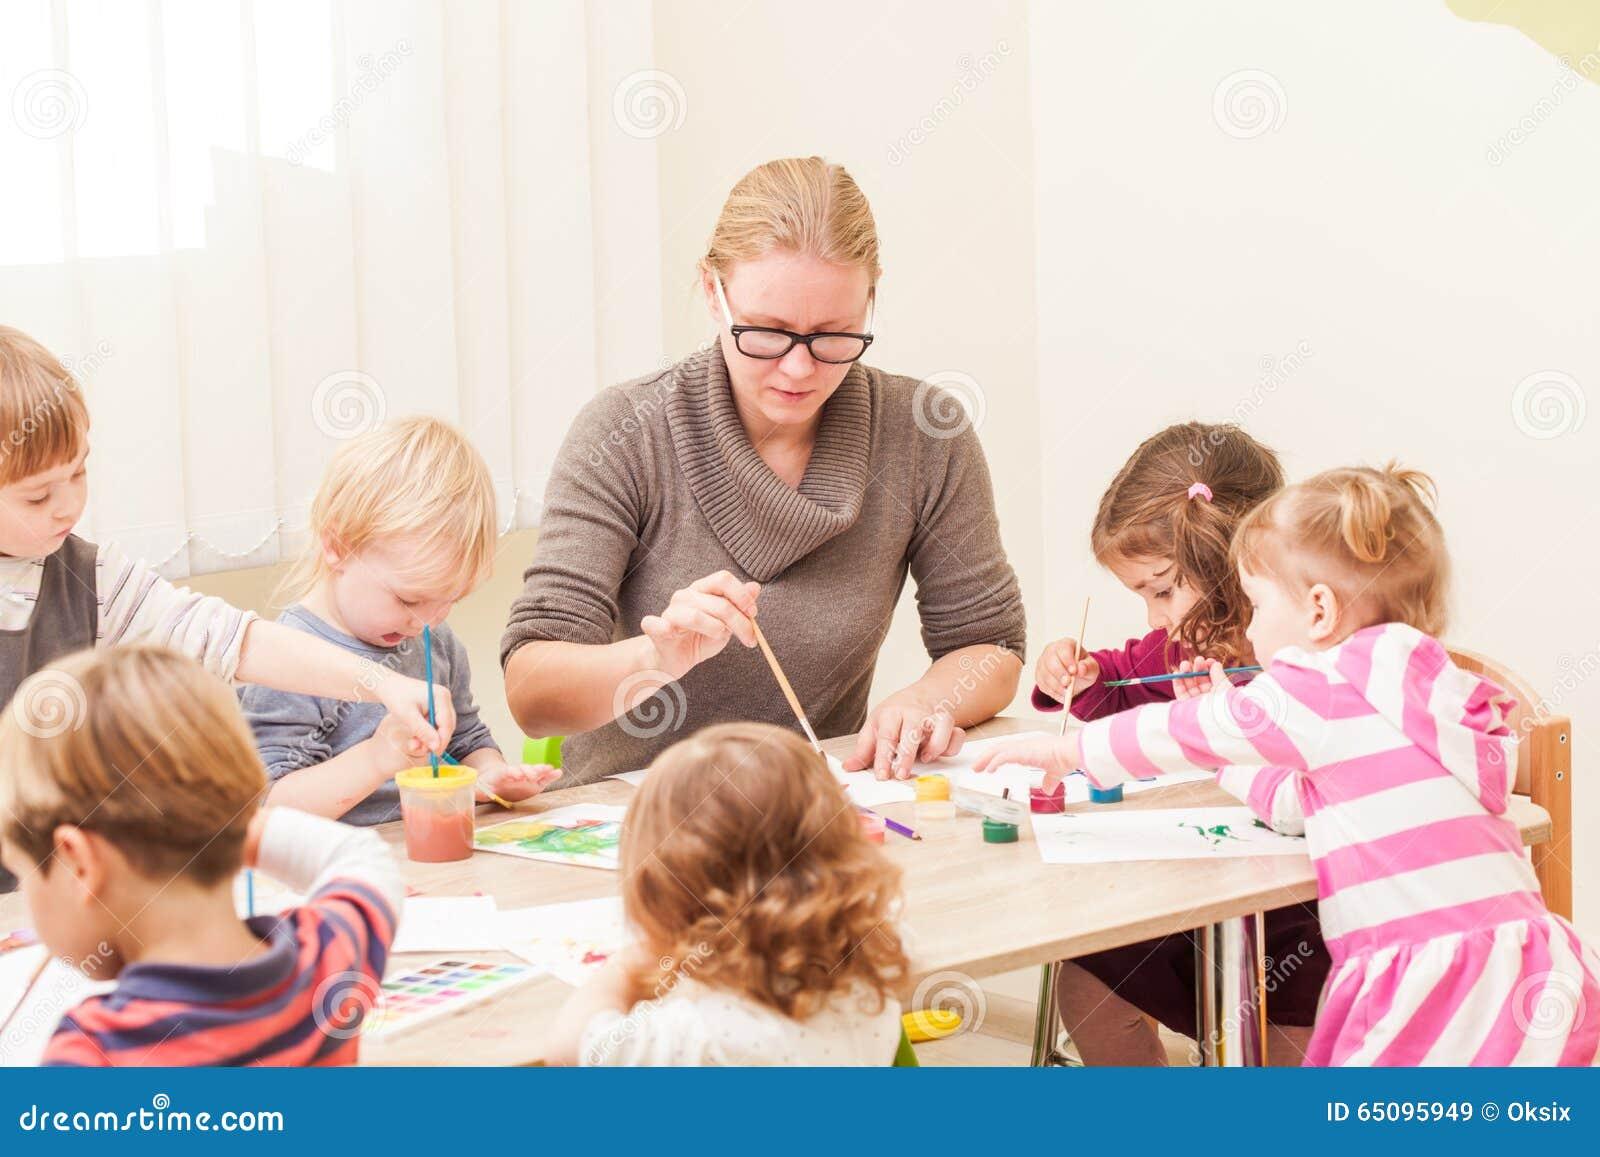 Los niños están pintando imagen de archivo. Imagen de muchacha ...